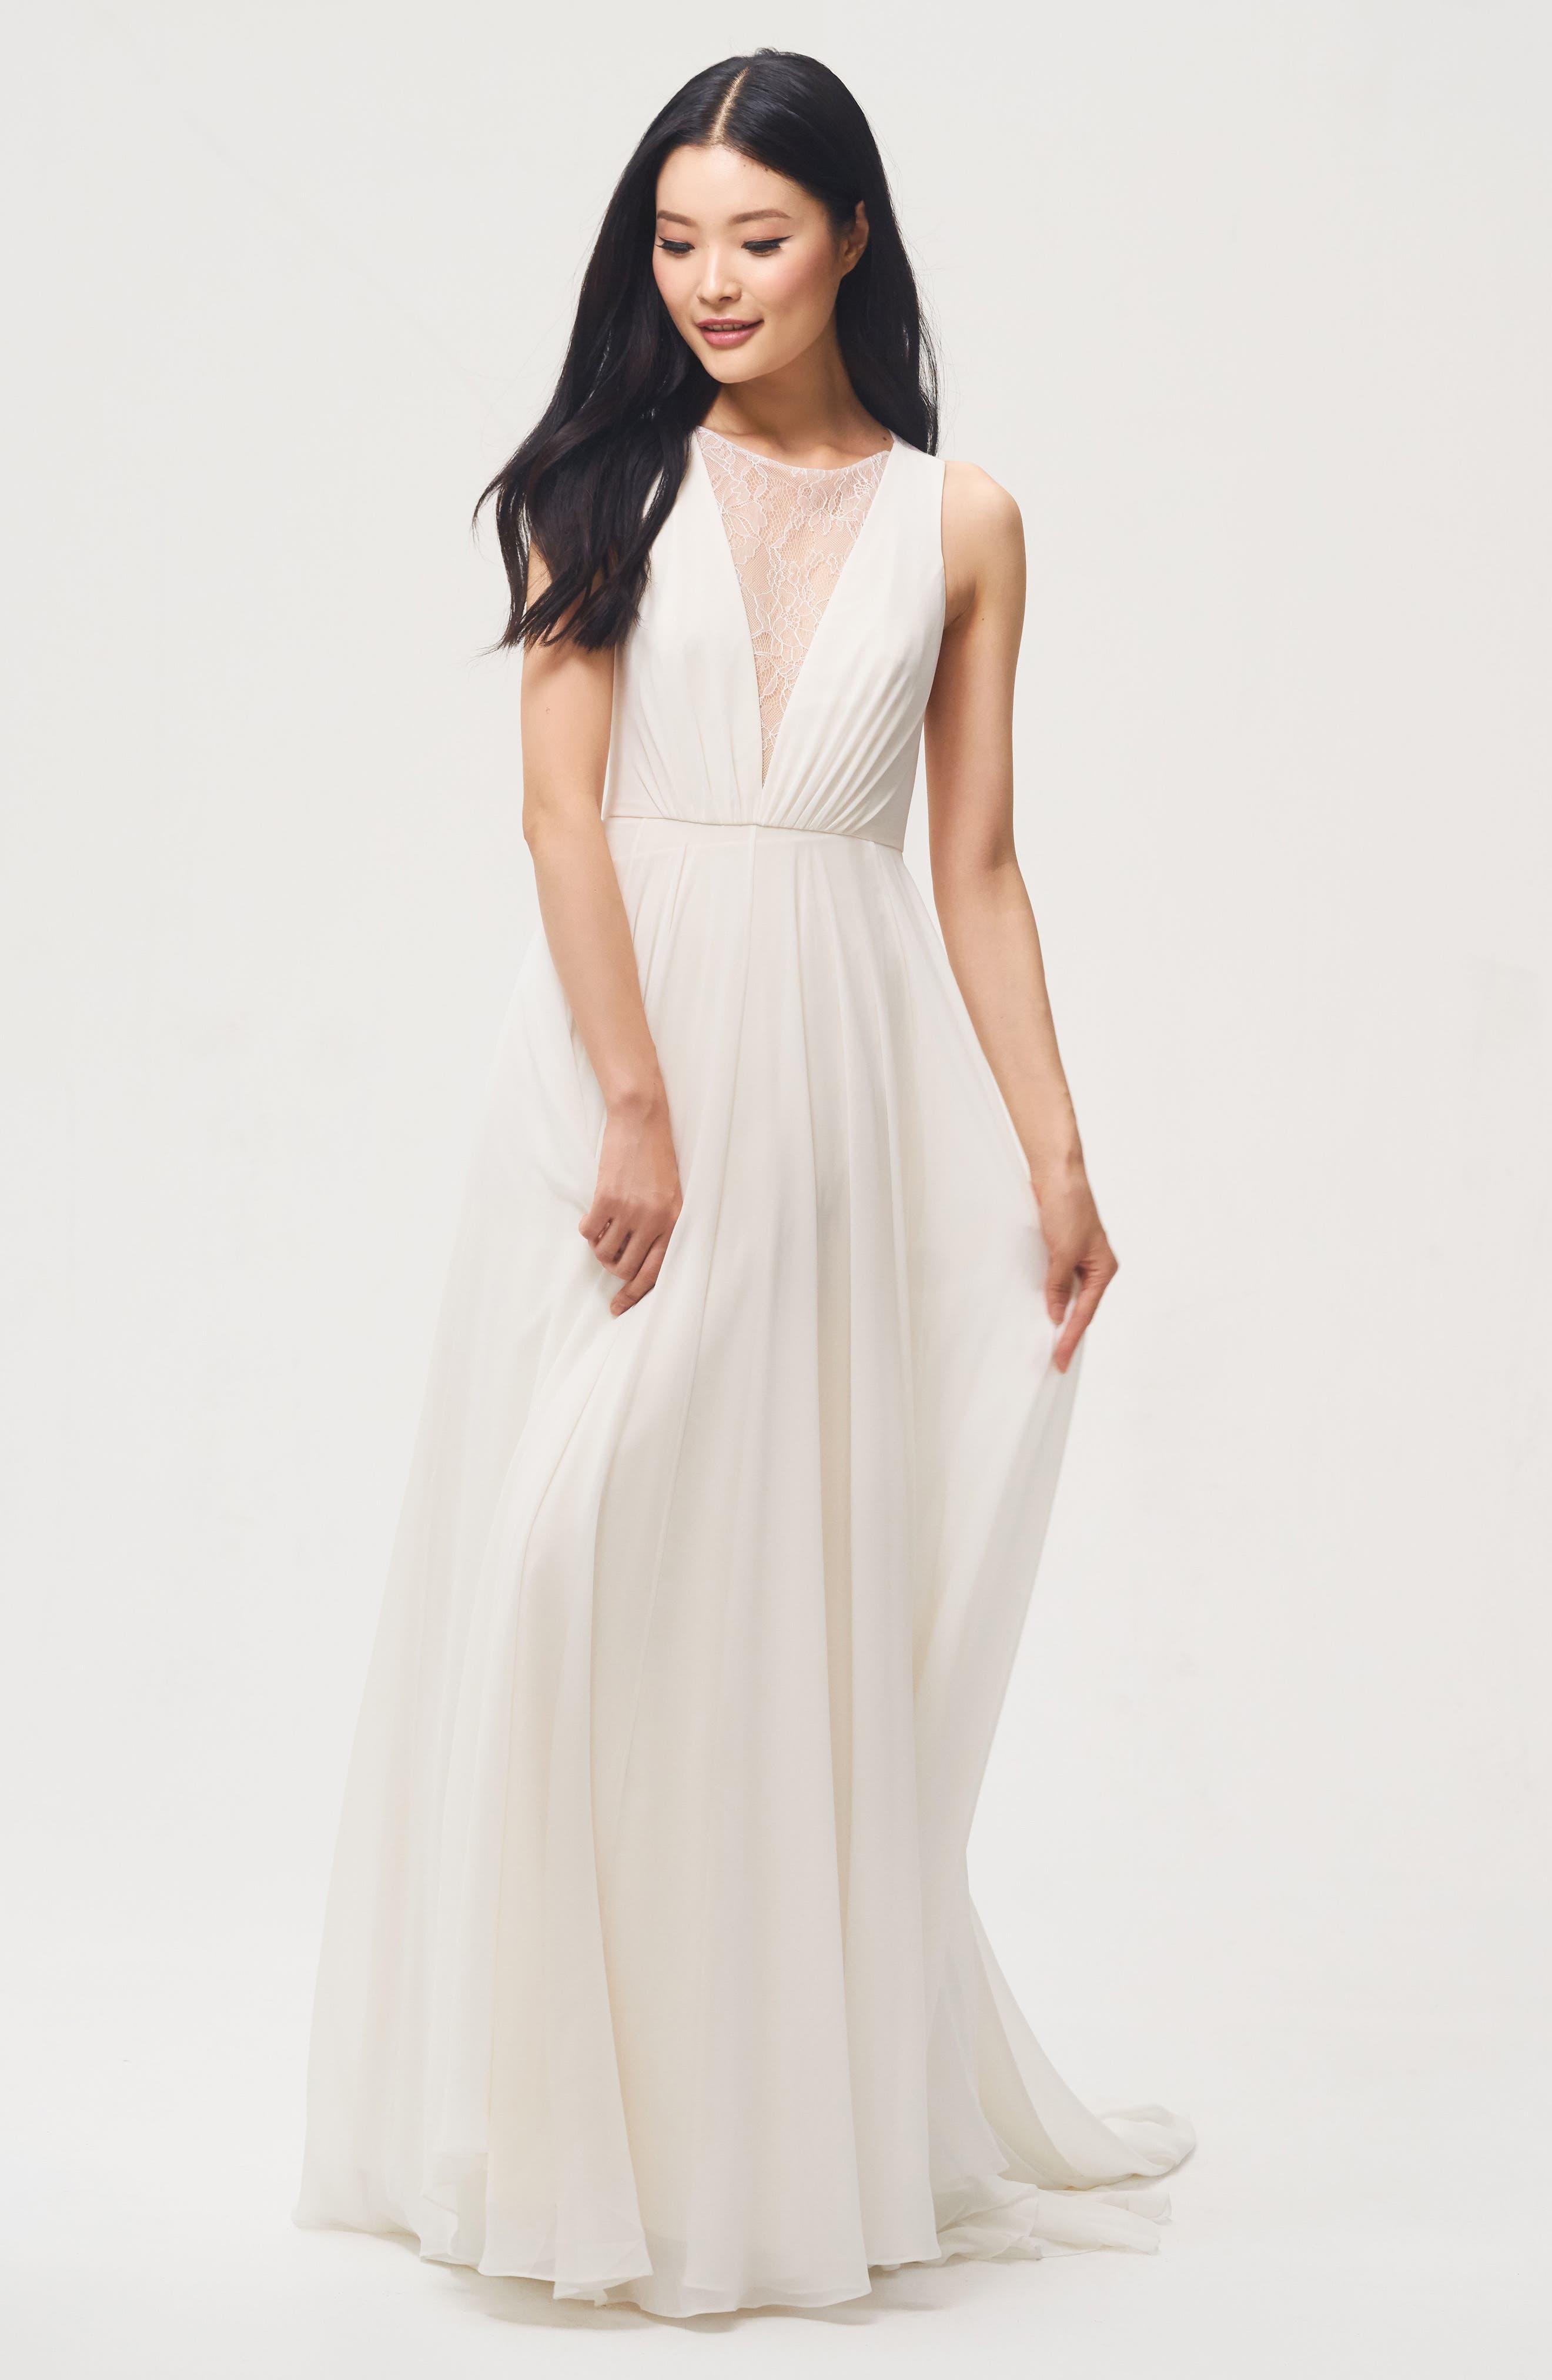 Main Image - Jenny Yoo Fallon Lace & Chiffon A-Line Gown